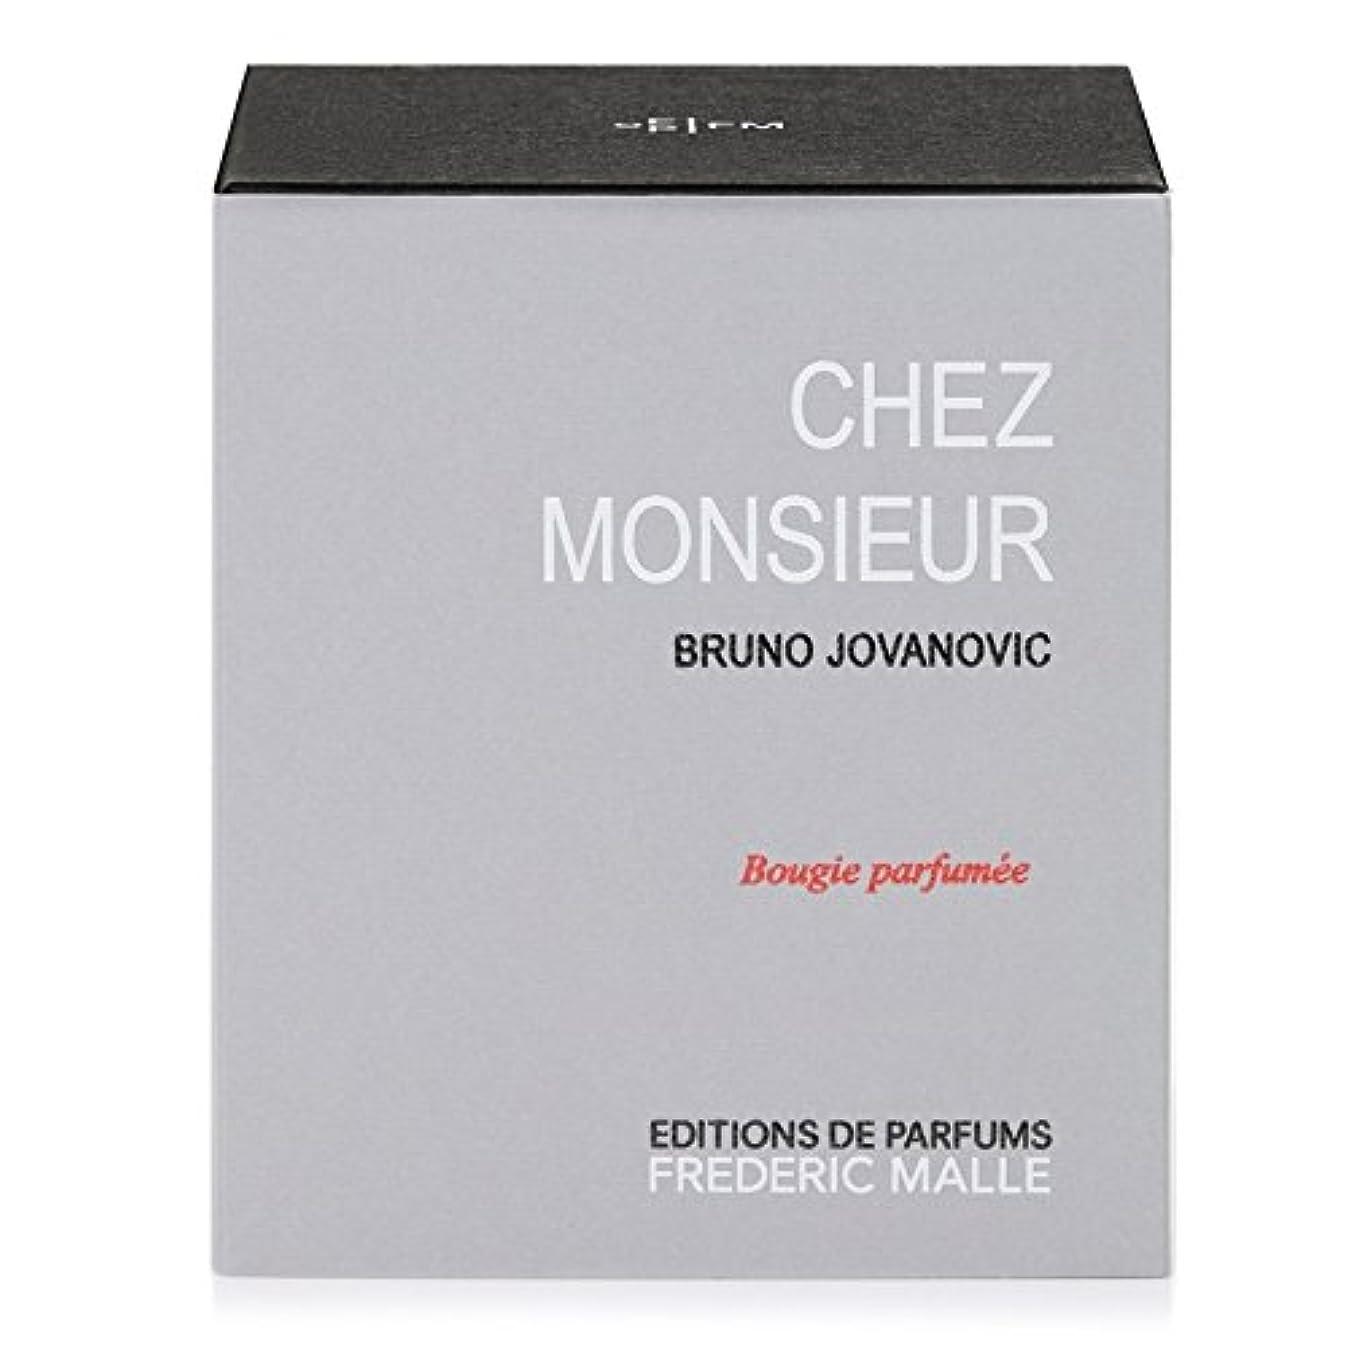 フレデリック?マルシェムッシュ香りのキャンドル220グラム x6 - Frederic Malle Chez Monsieur Scented Candle 220g (Pack of 6) [並行輸入品]